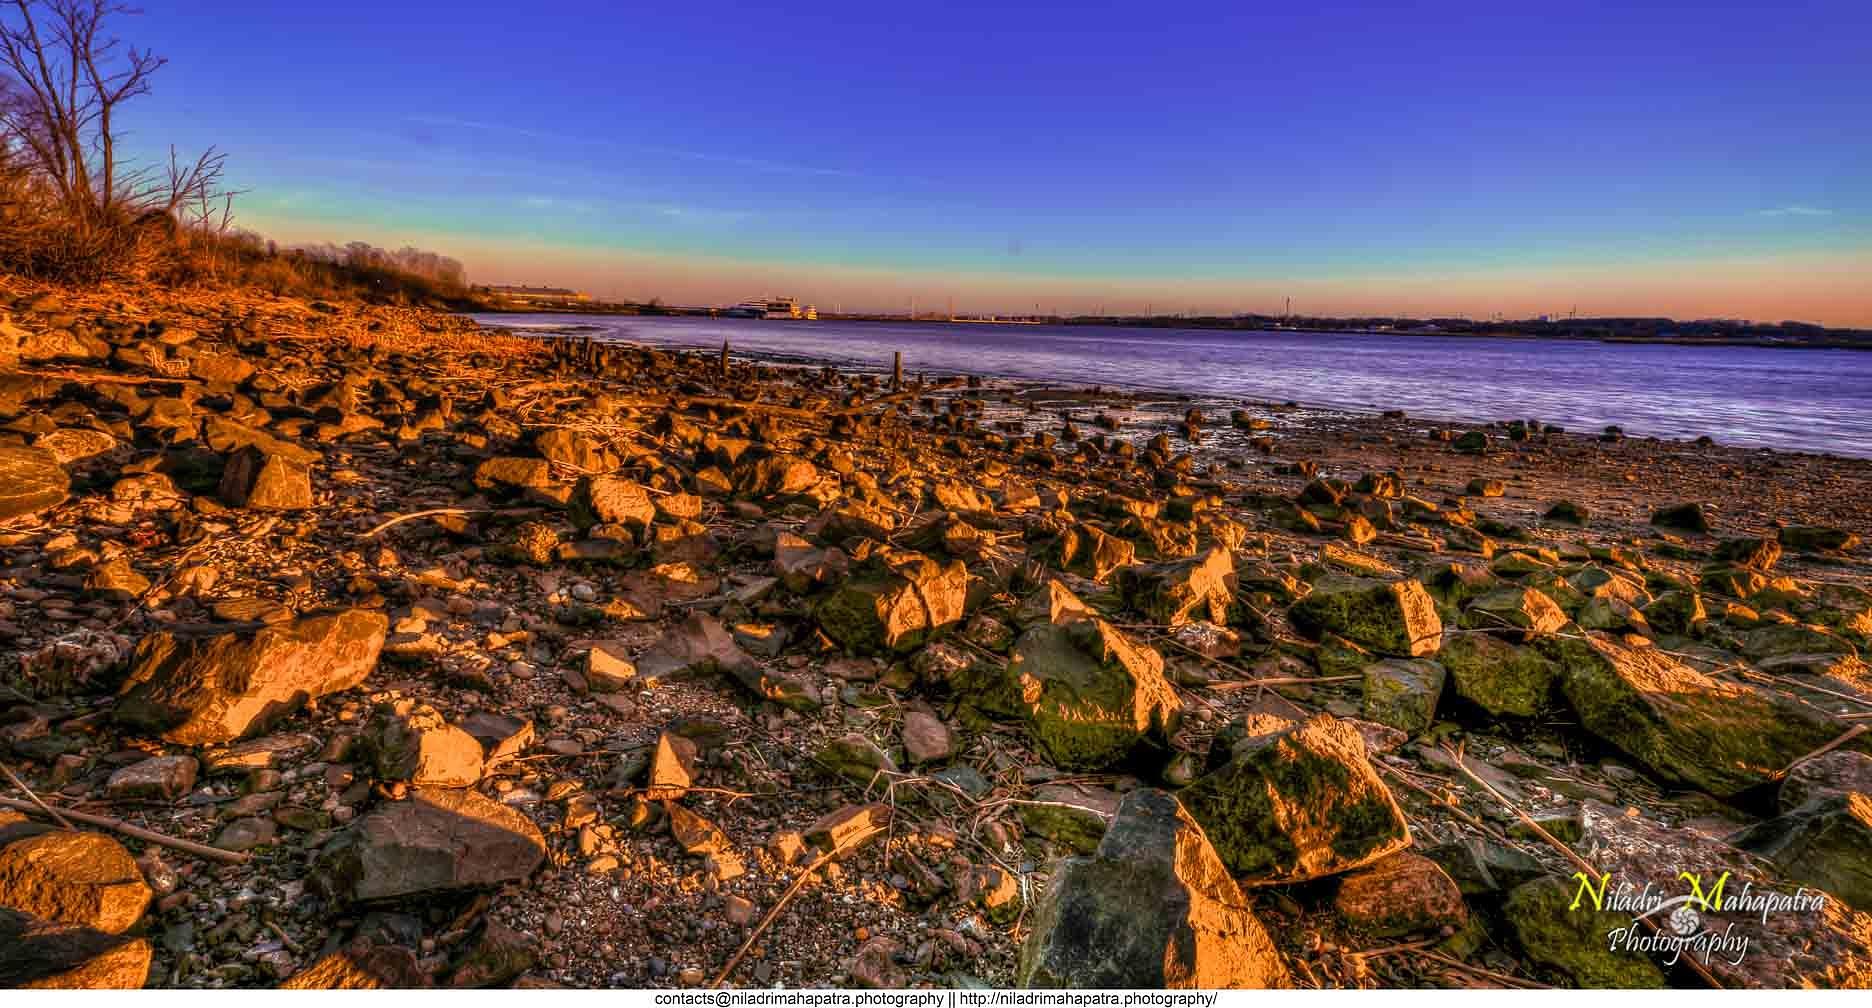 SunSet at Perth Amboy by Niladri Mahapatra